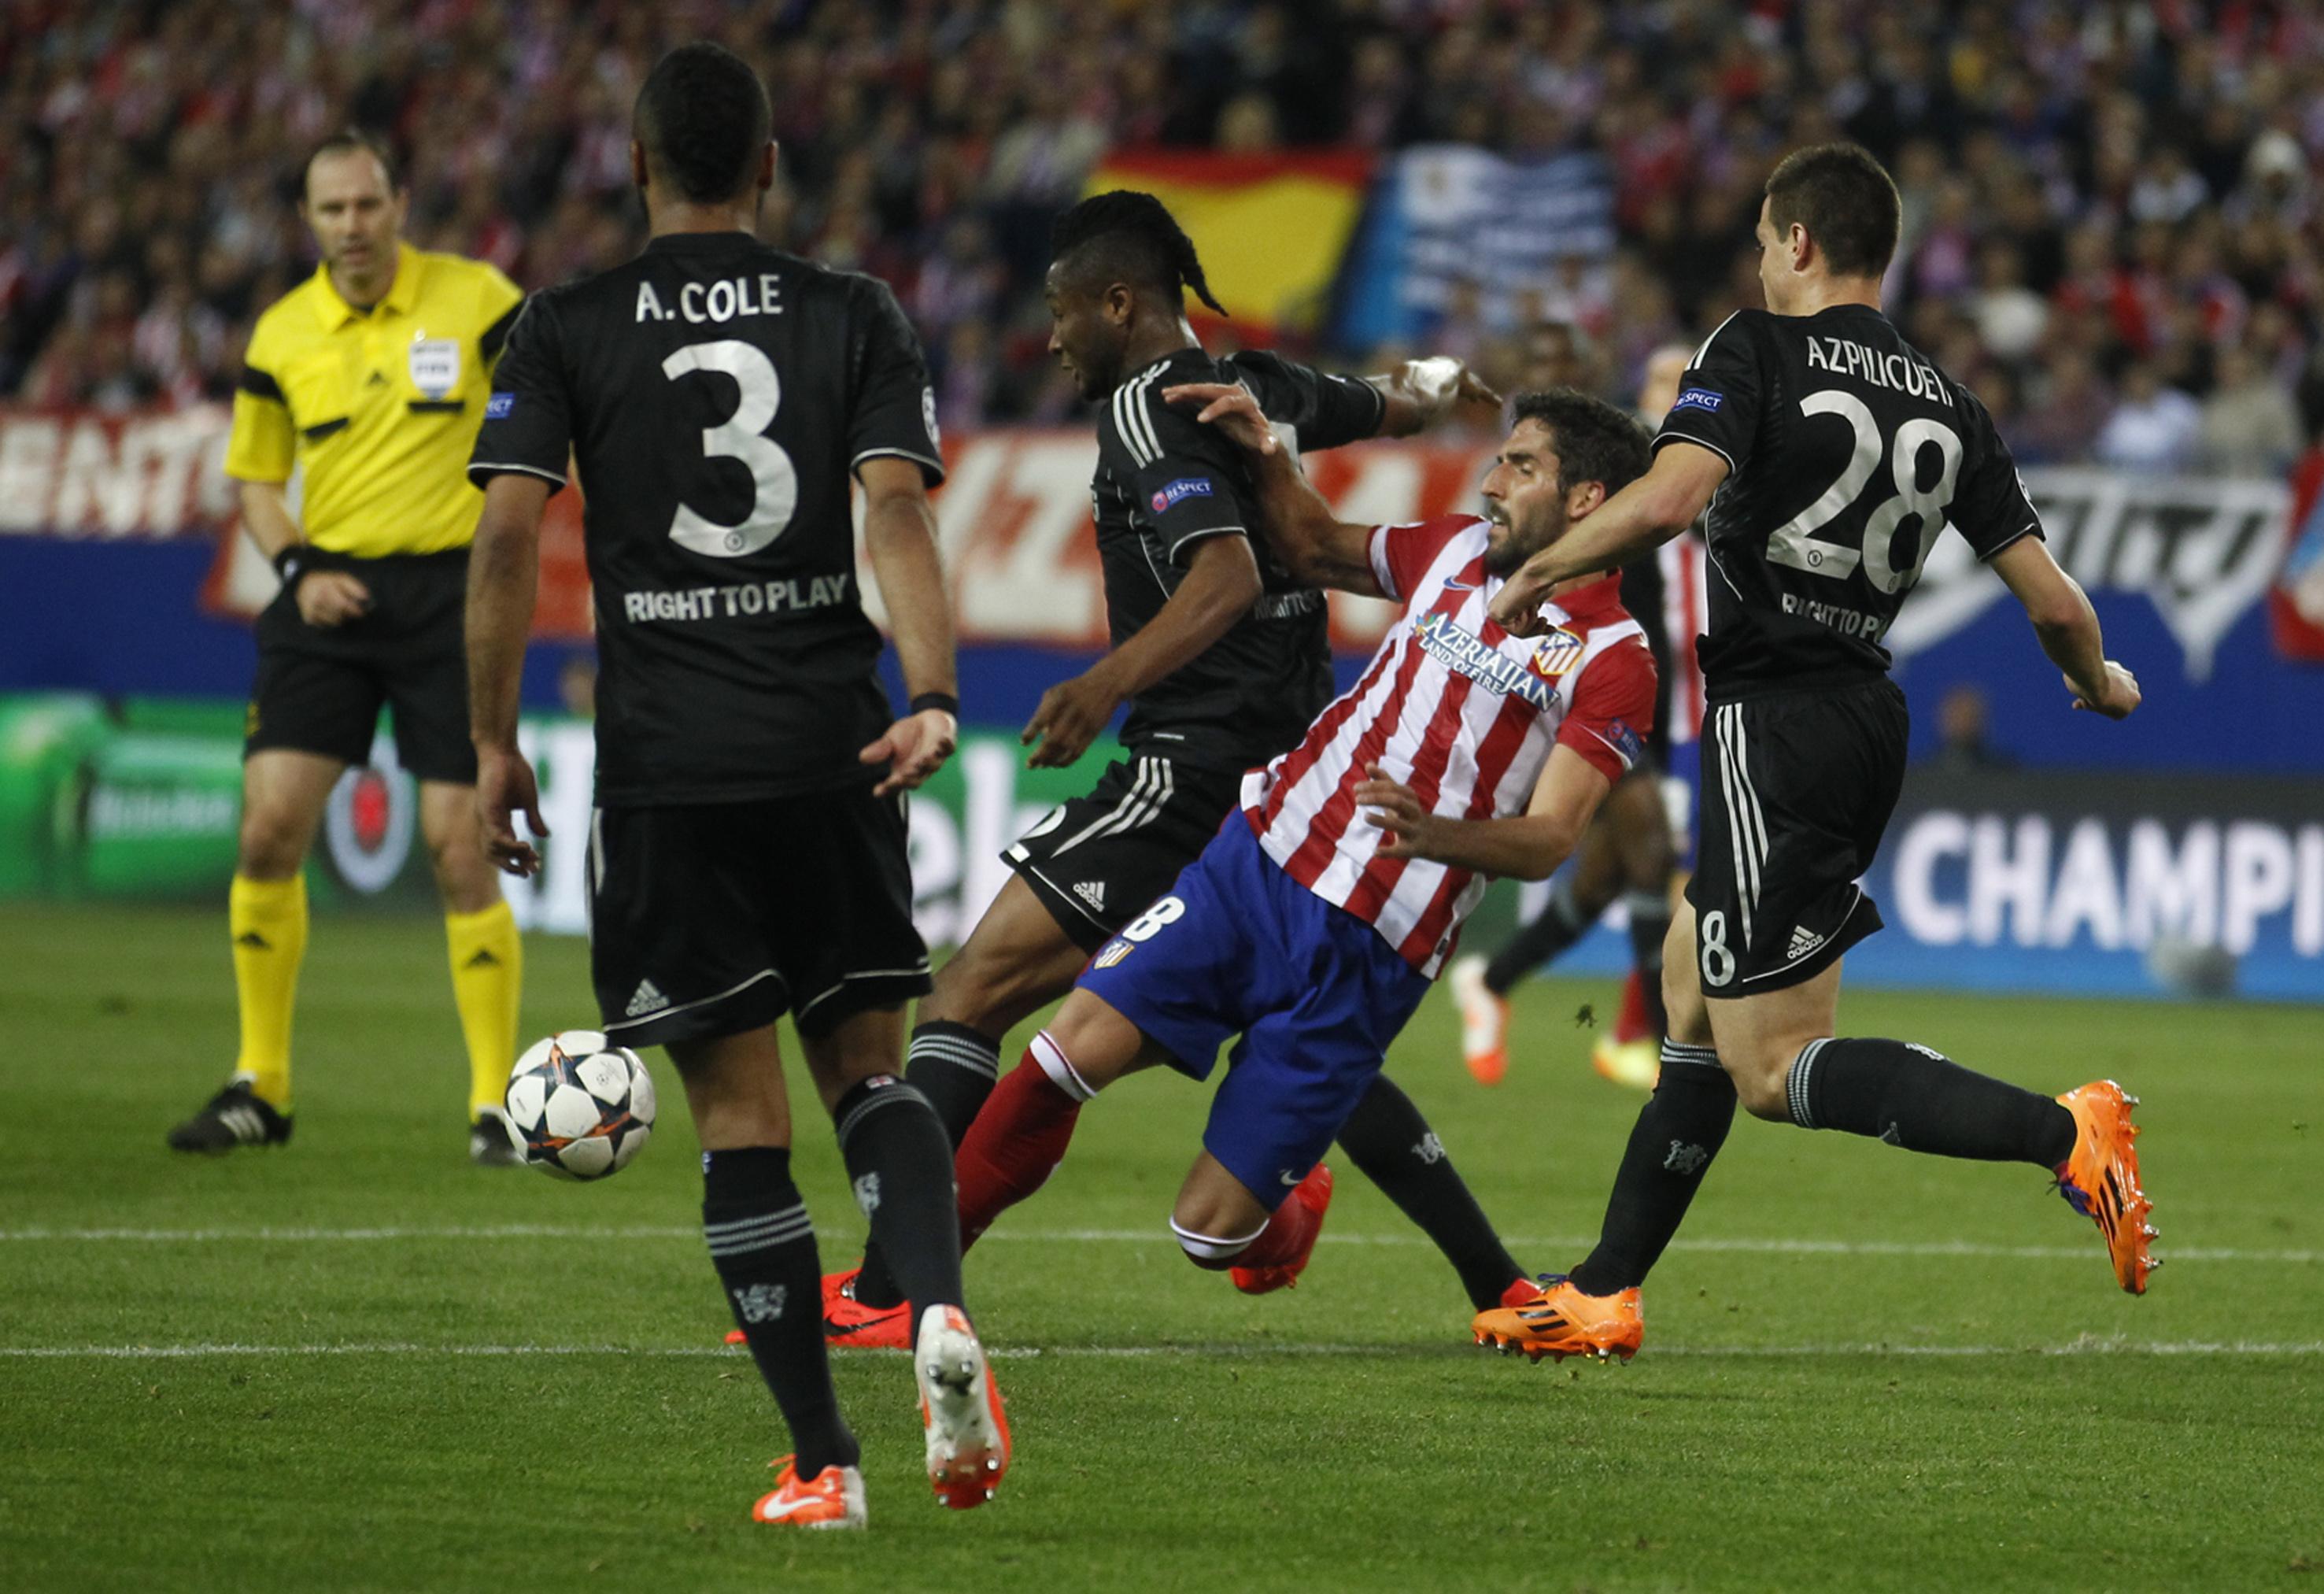 Madridban játékosaink alapvetően hátul szorgoskodtak